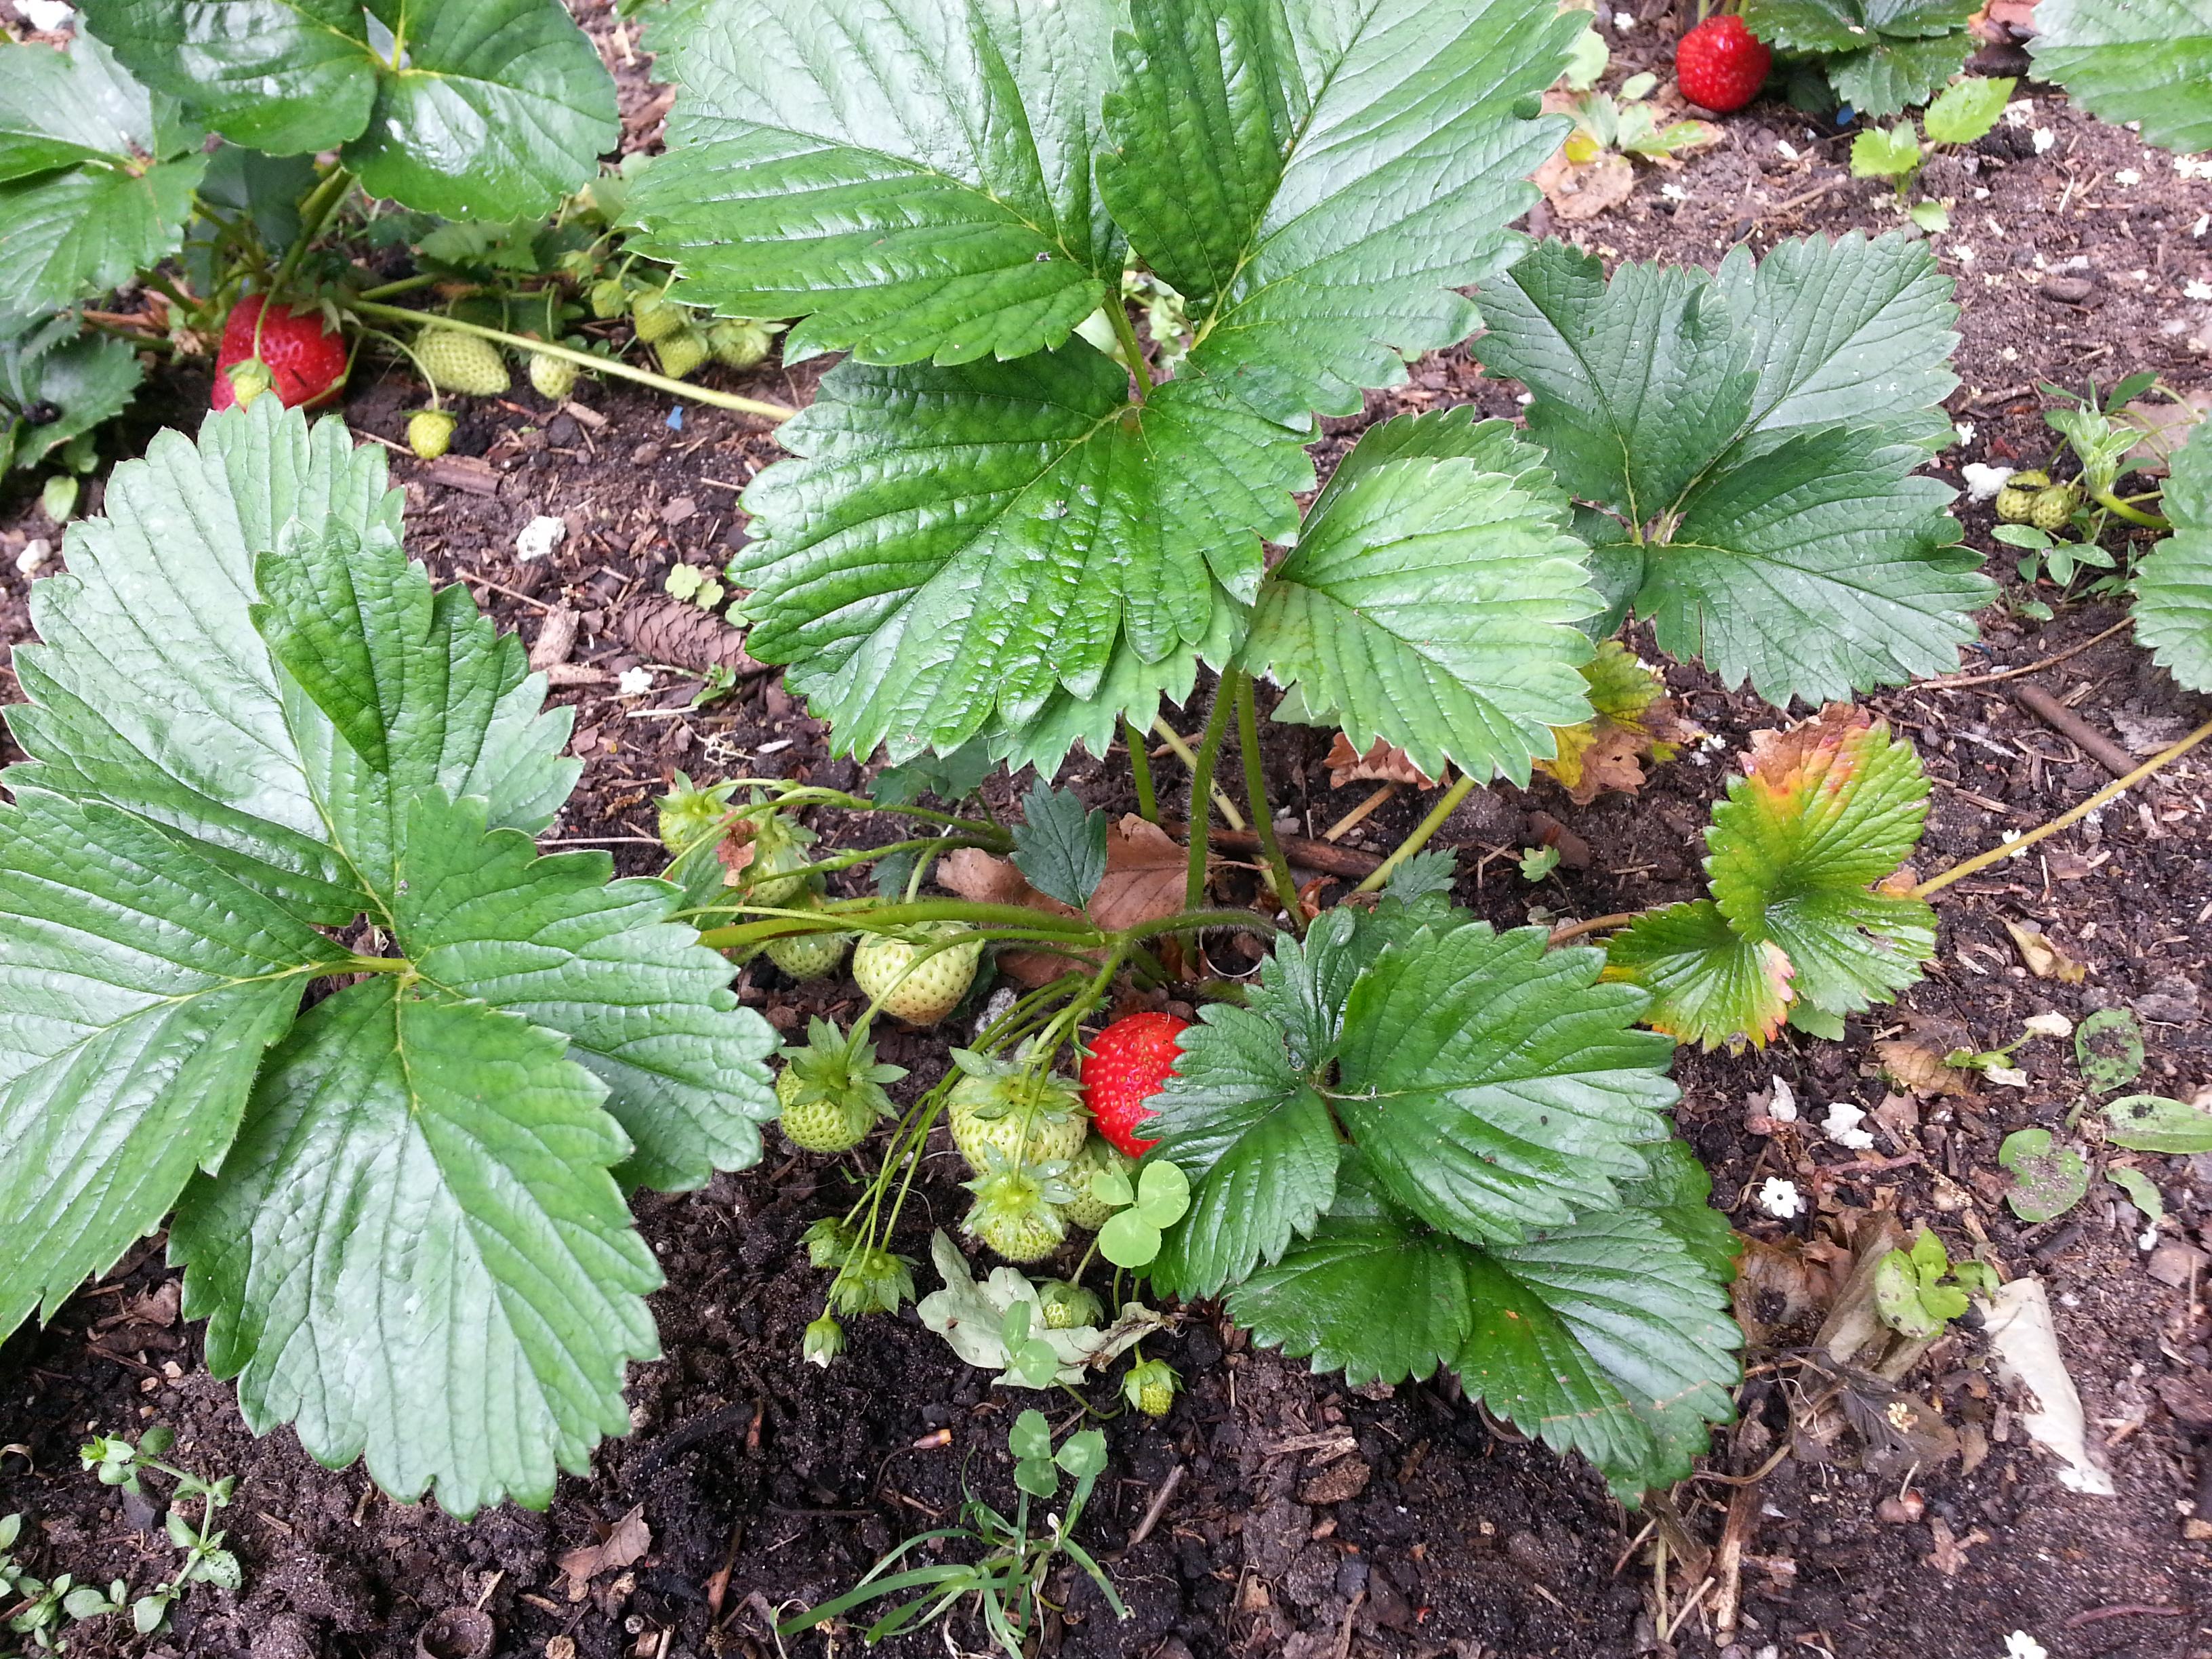 Frisches Obst und Gemüse aus eigenem Anbau